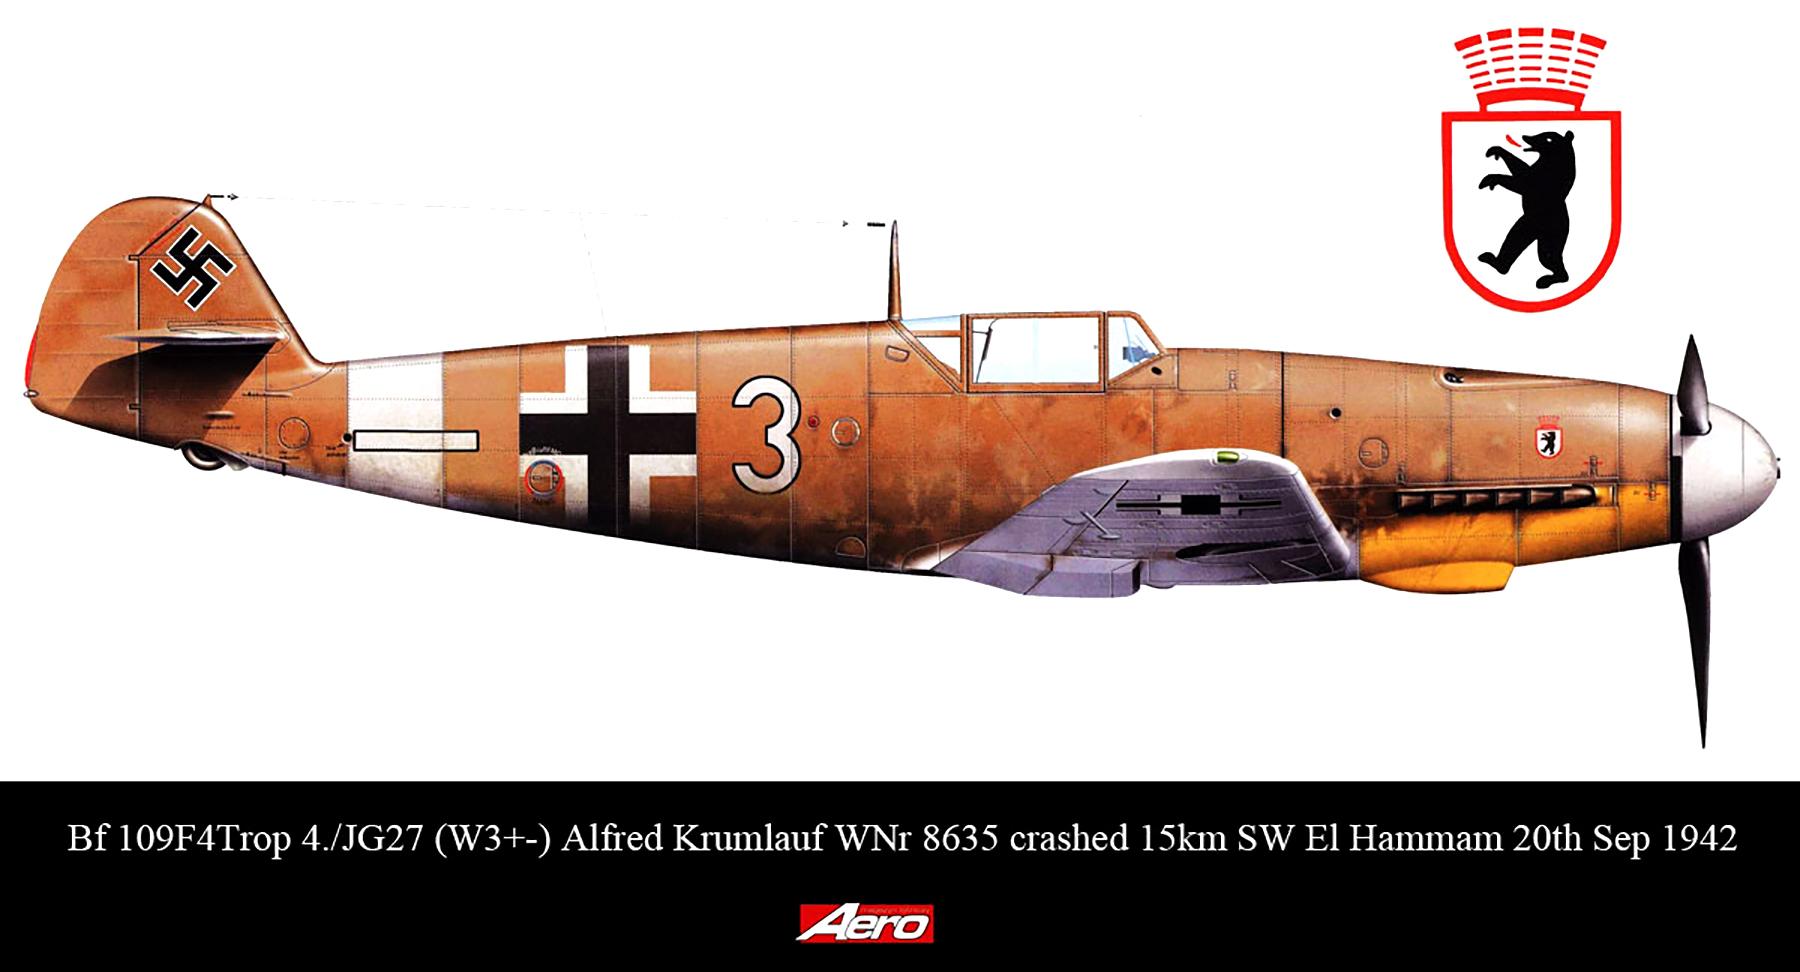 Messerschmitt Bf 109F4Trop 4.JG27 White 3 Alfred Krumlauf WNr 8635 FL 15km SW El Hammam 20th Sep 1942 0A